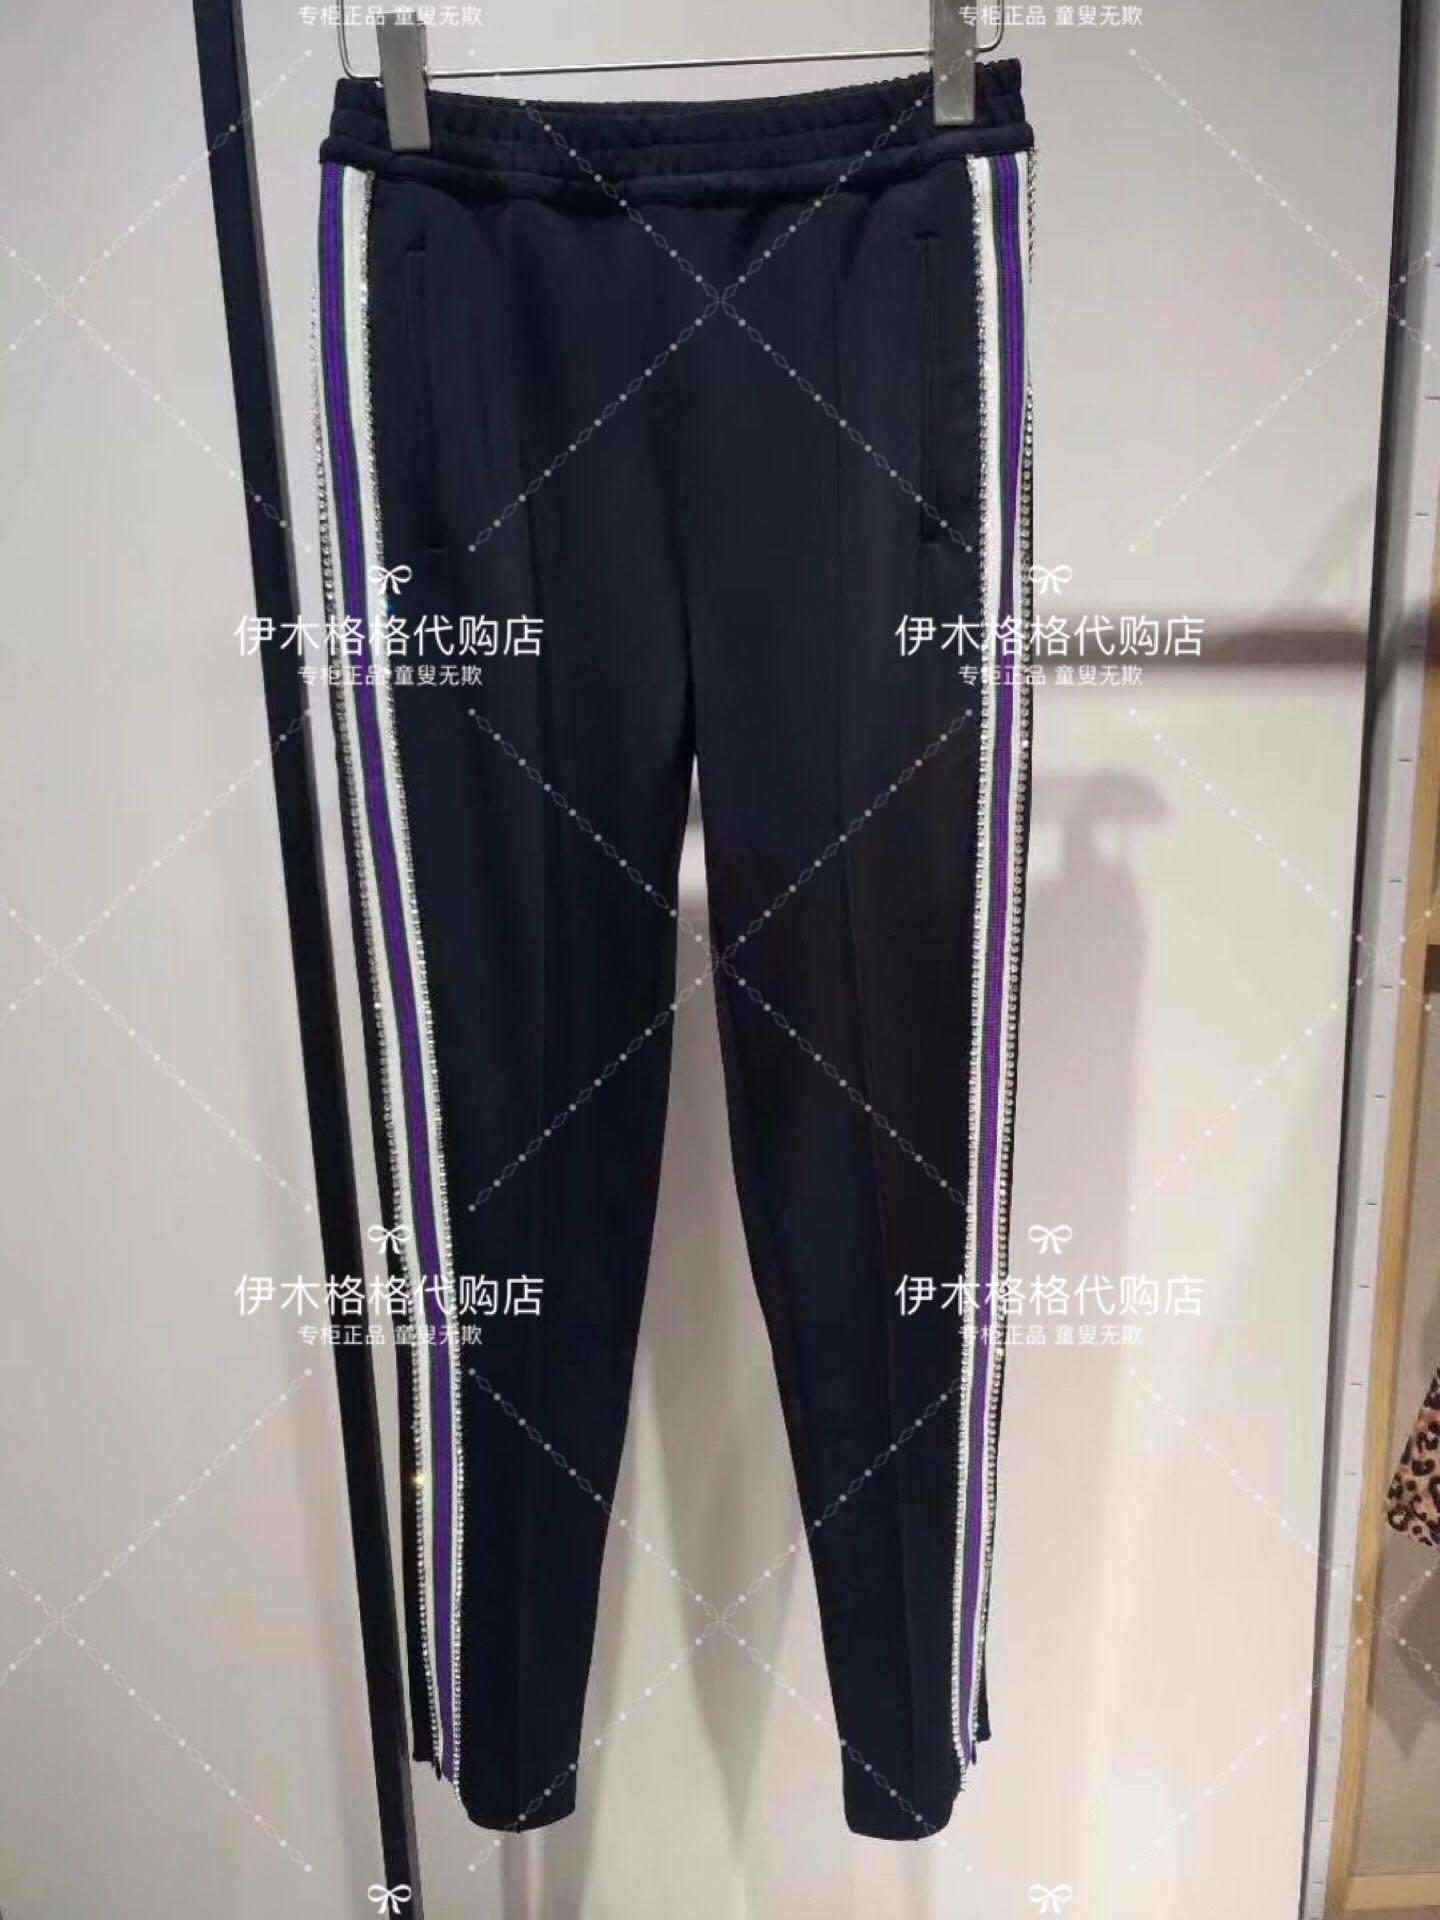 柜台现货 乌鸦 吊牌1799 水钻装饰花边显瘦小脚休闲裤U812K1205